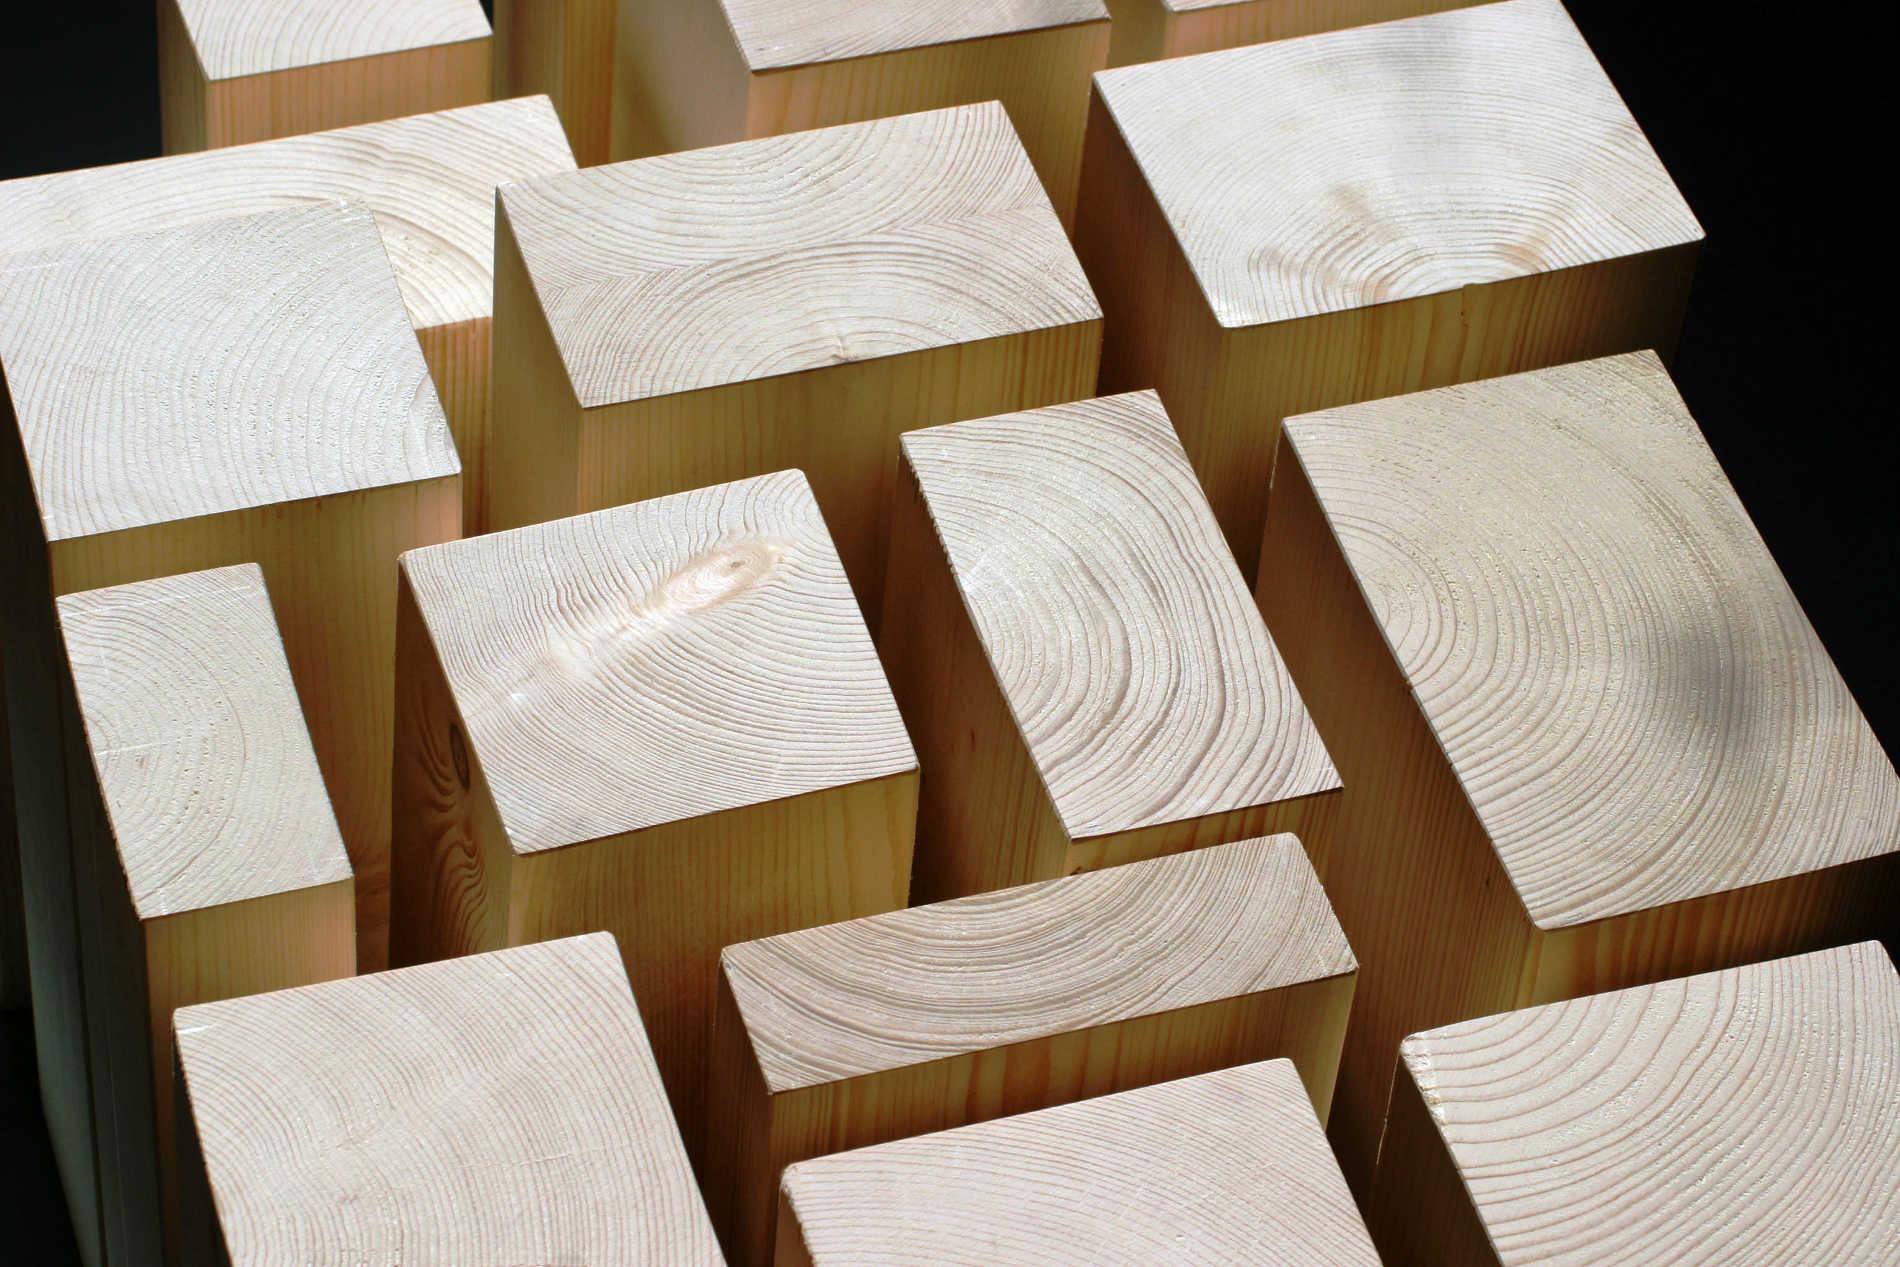 Holz von Hier – Bauholz höchster Qualität